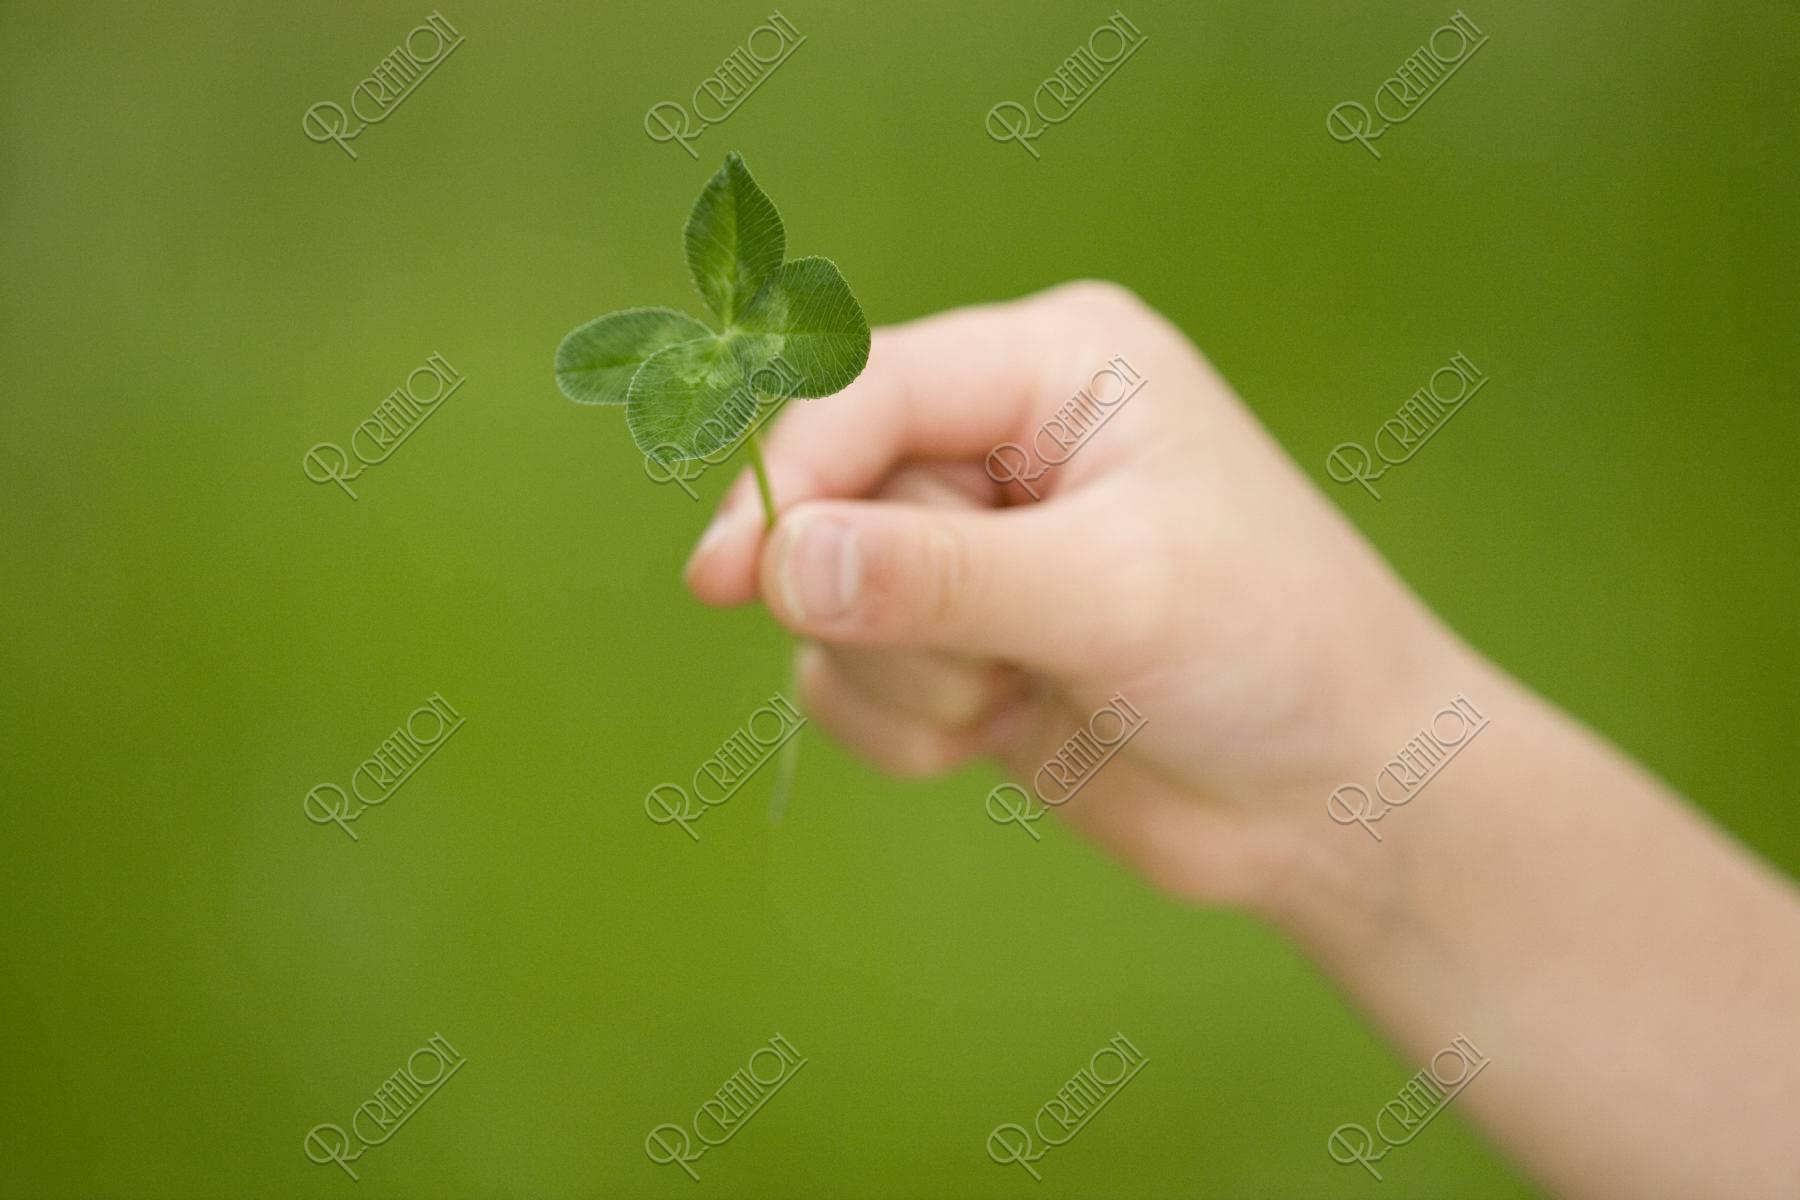 子供の手 四つ葉のクローバー